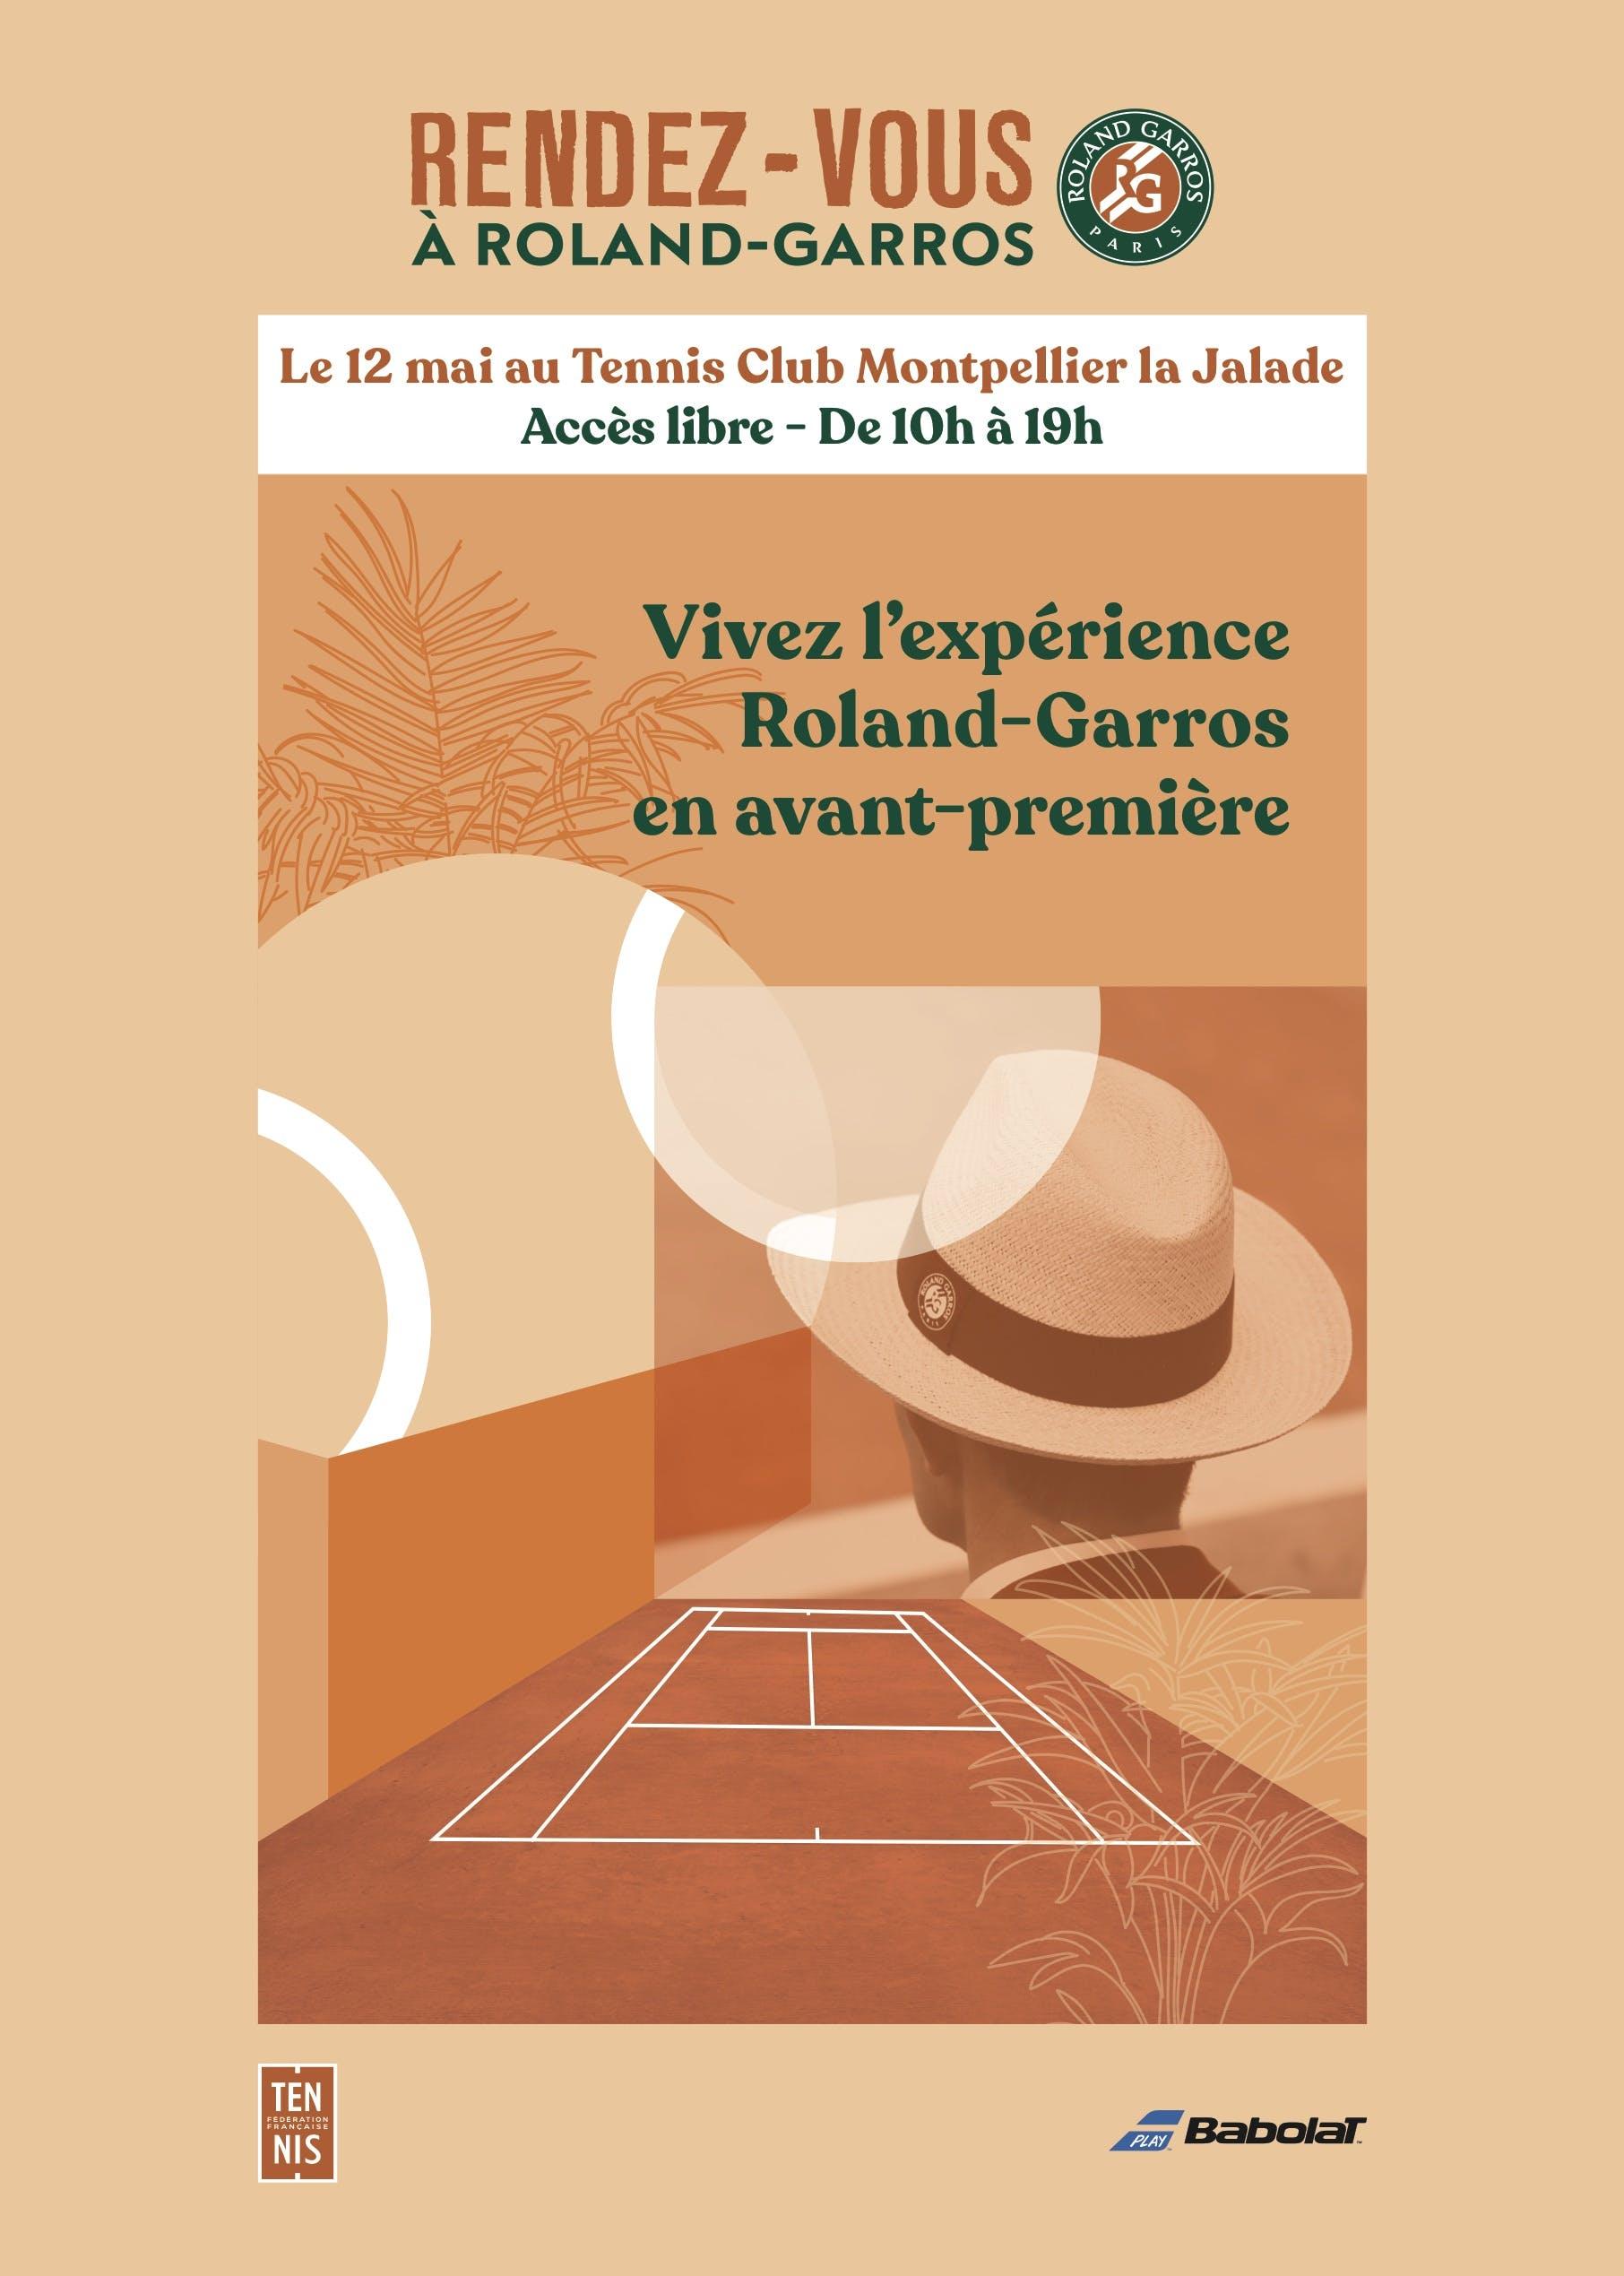 Affiche Rendez-vous à Roland-Garros - Montpellier